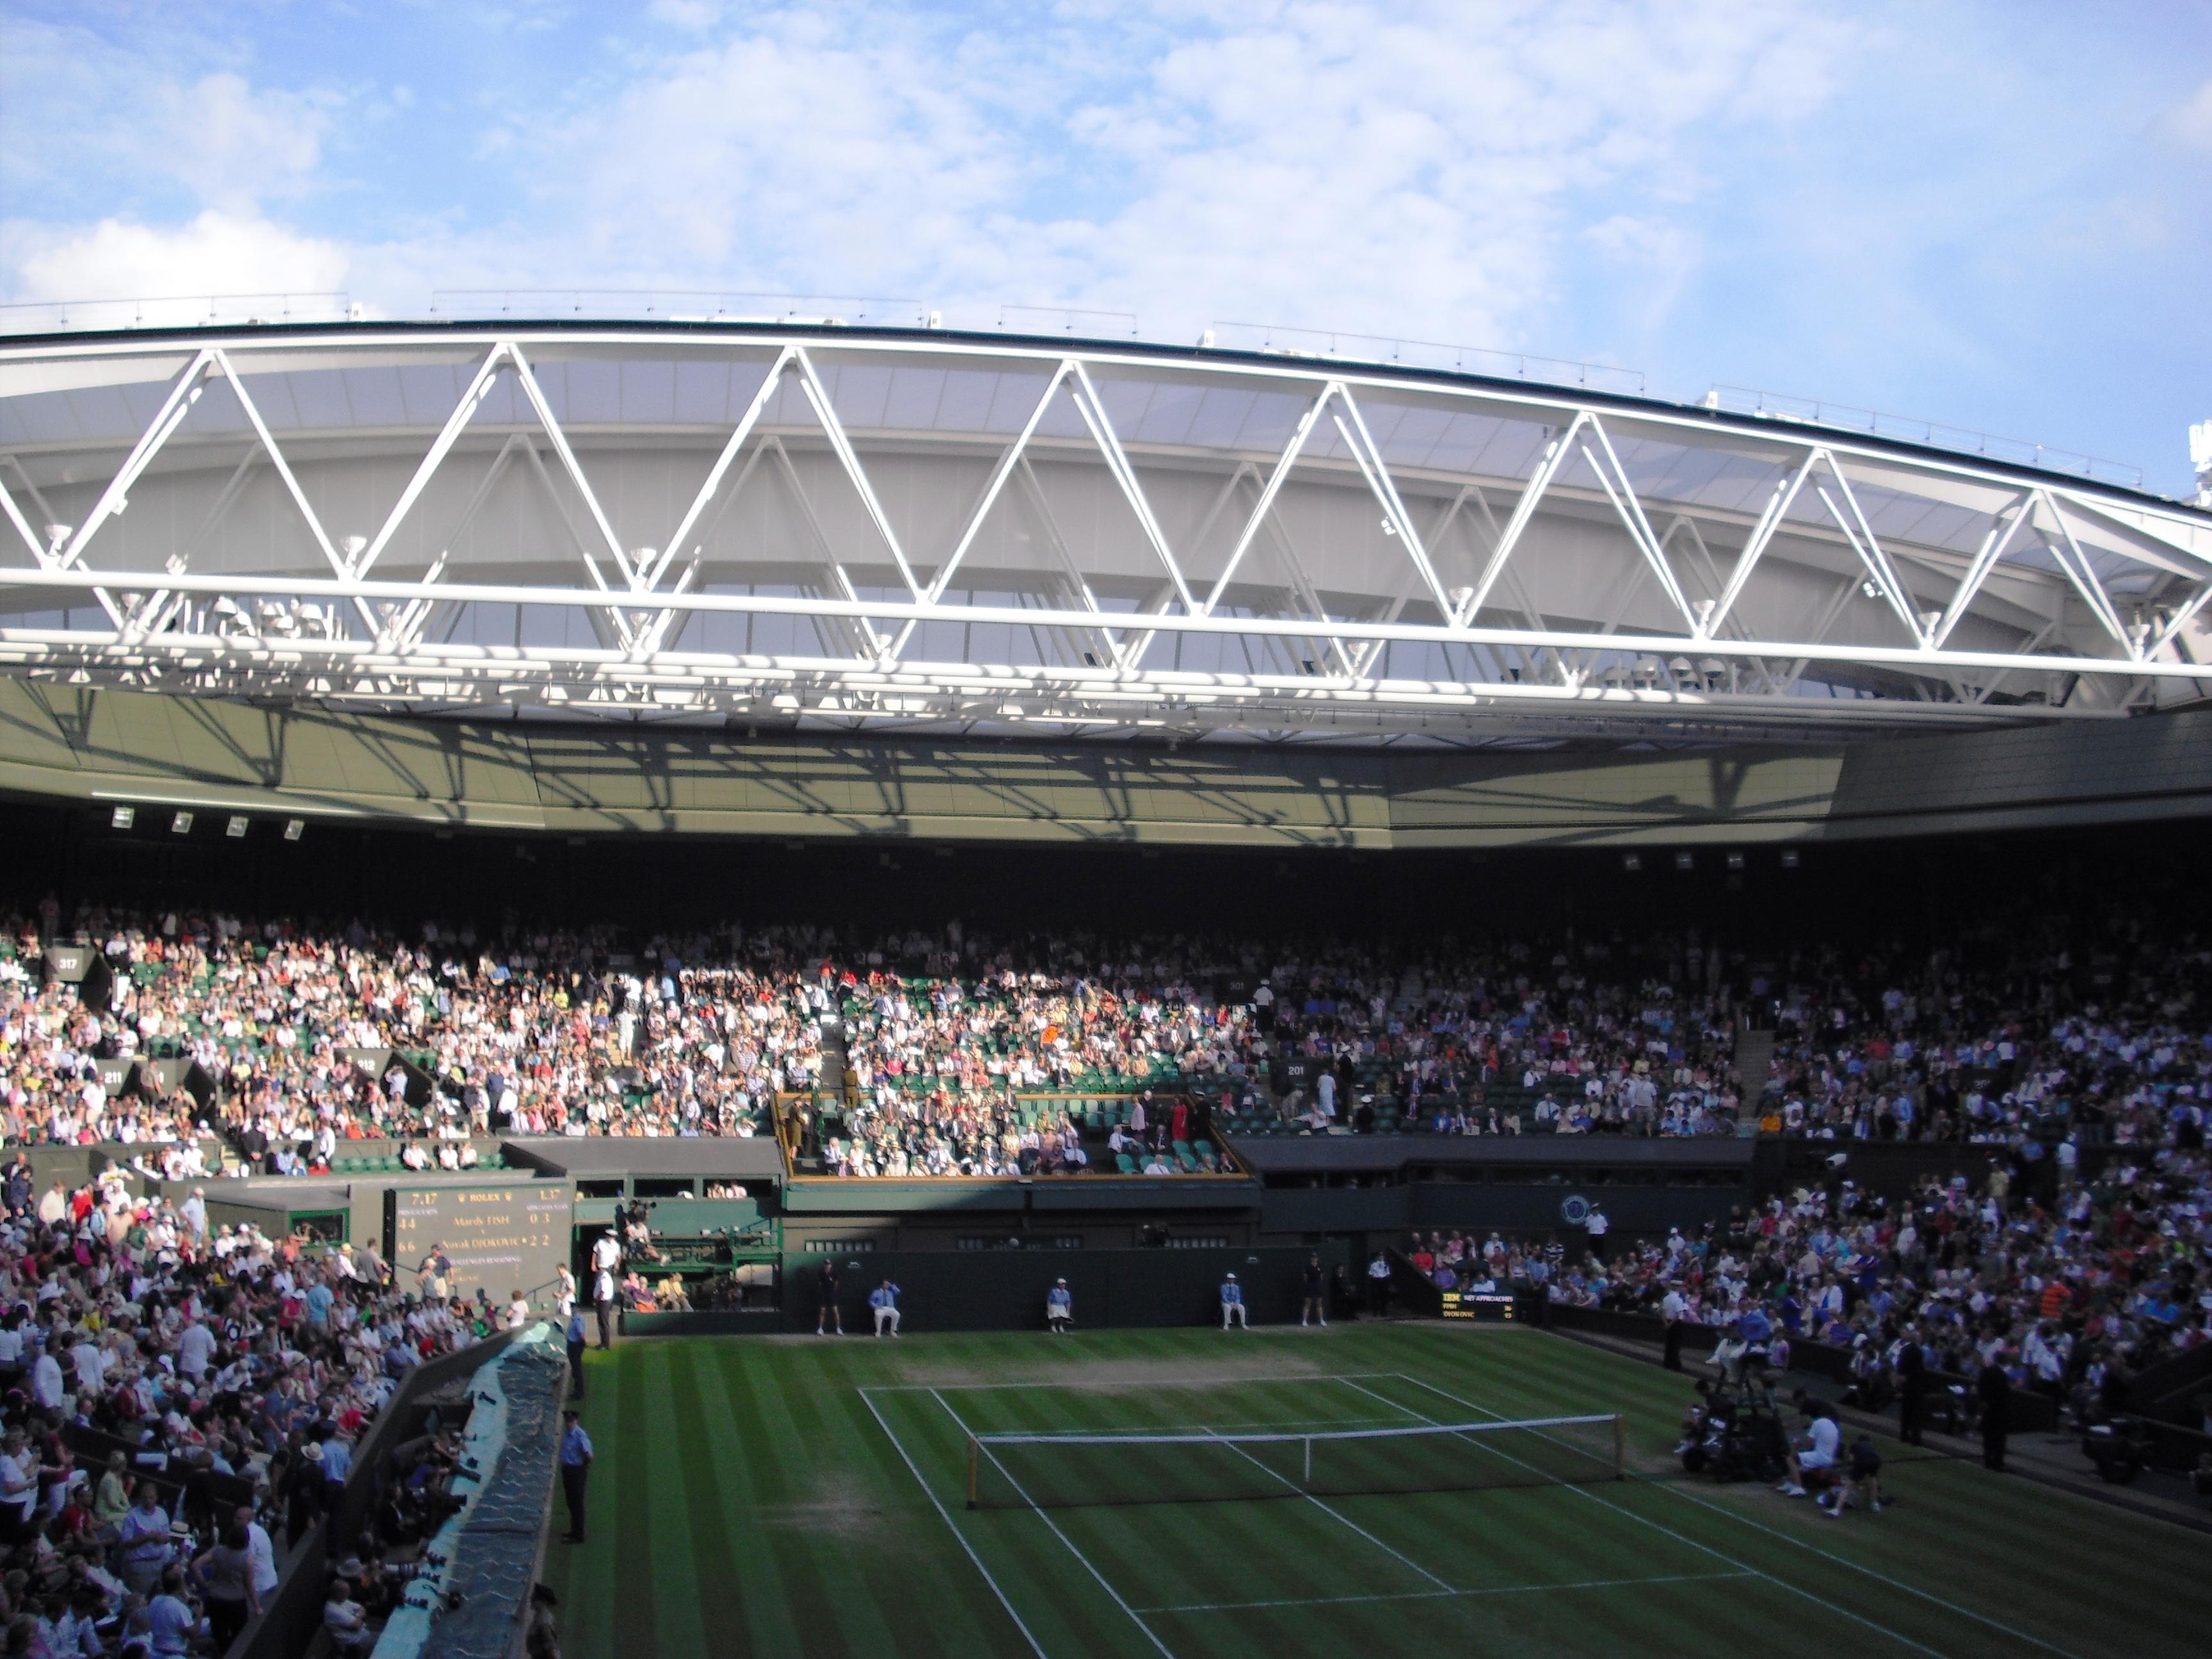 Nella foto: Il nuovo Centre Court (campo principale) dotato di tetto retraibile che viene azionato in caso di pioggia.